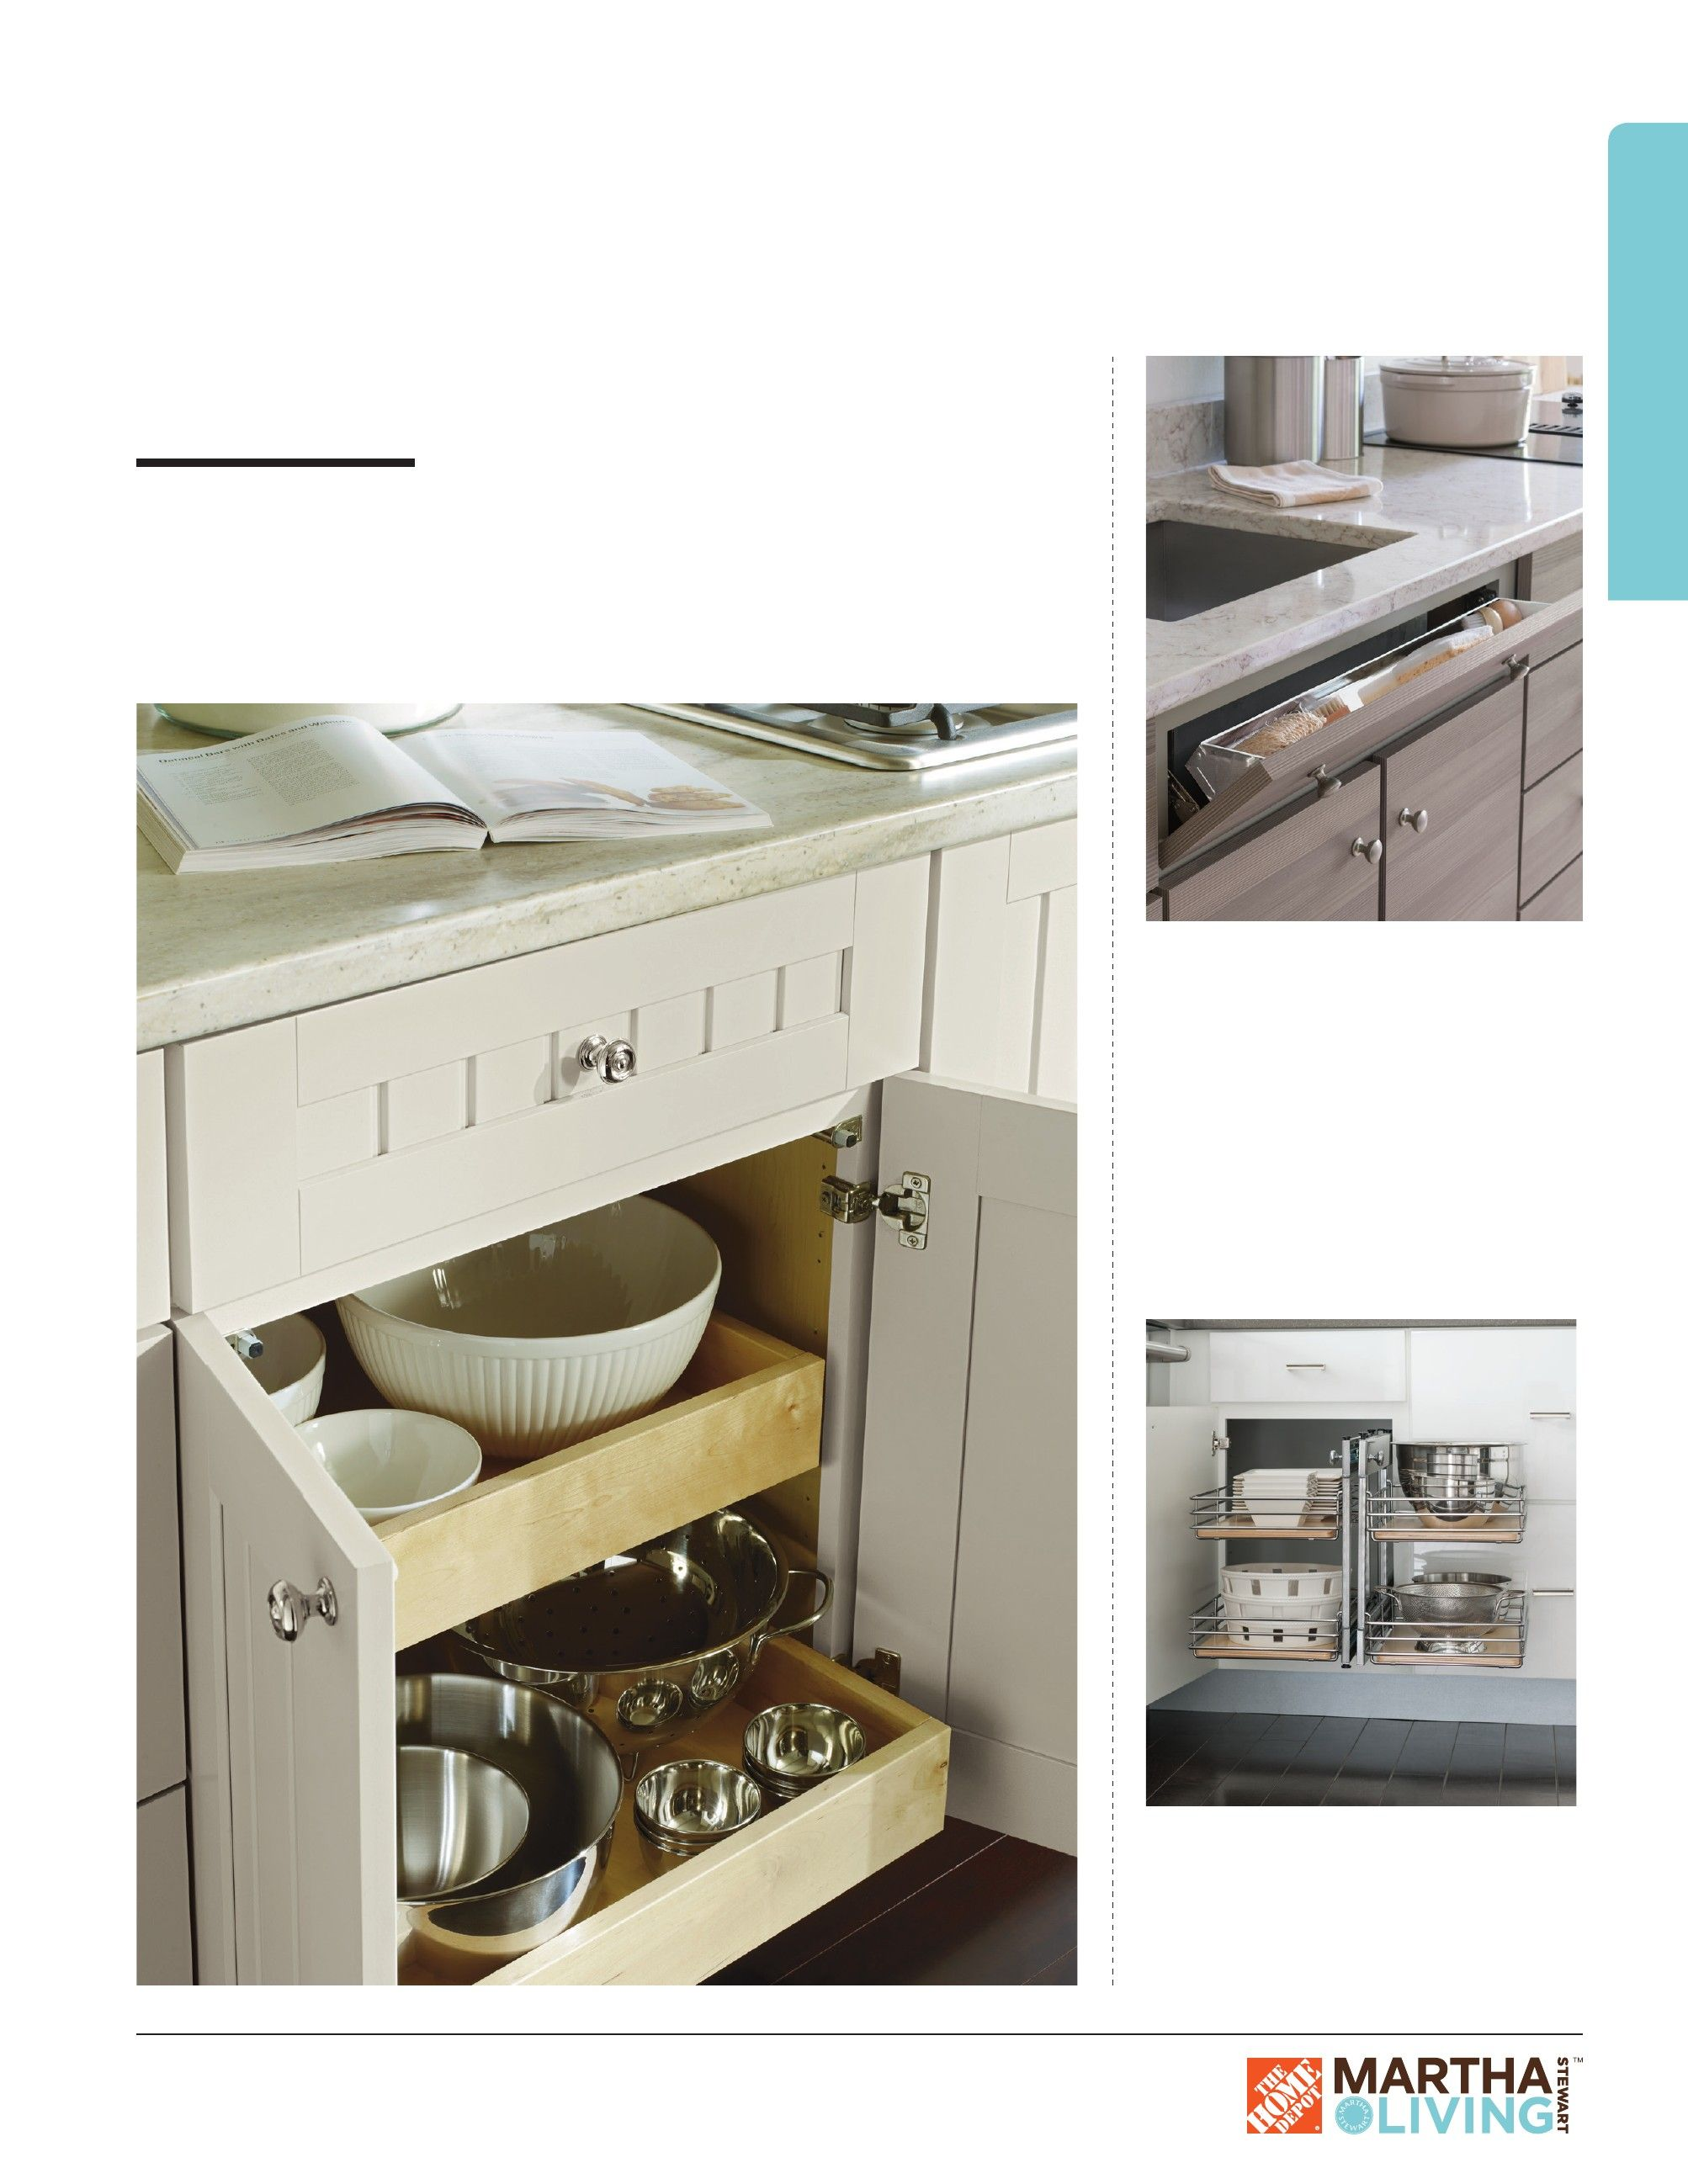 Martha Stewart Kitchens | Martha stewart kitchen, Kitchen ...